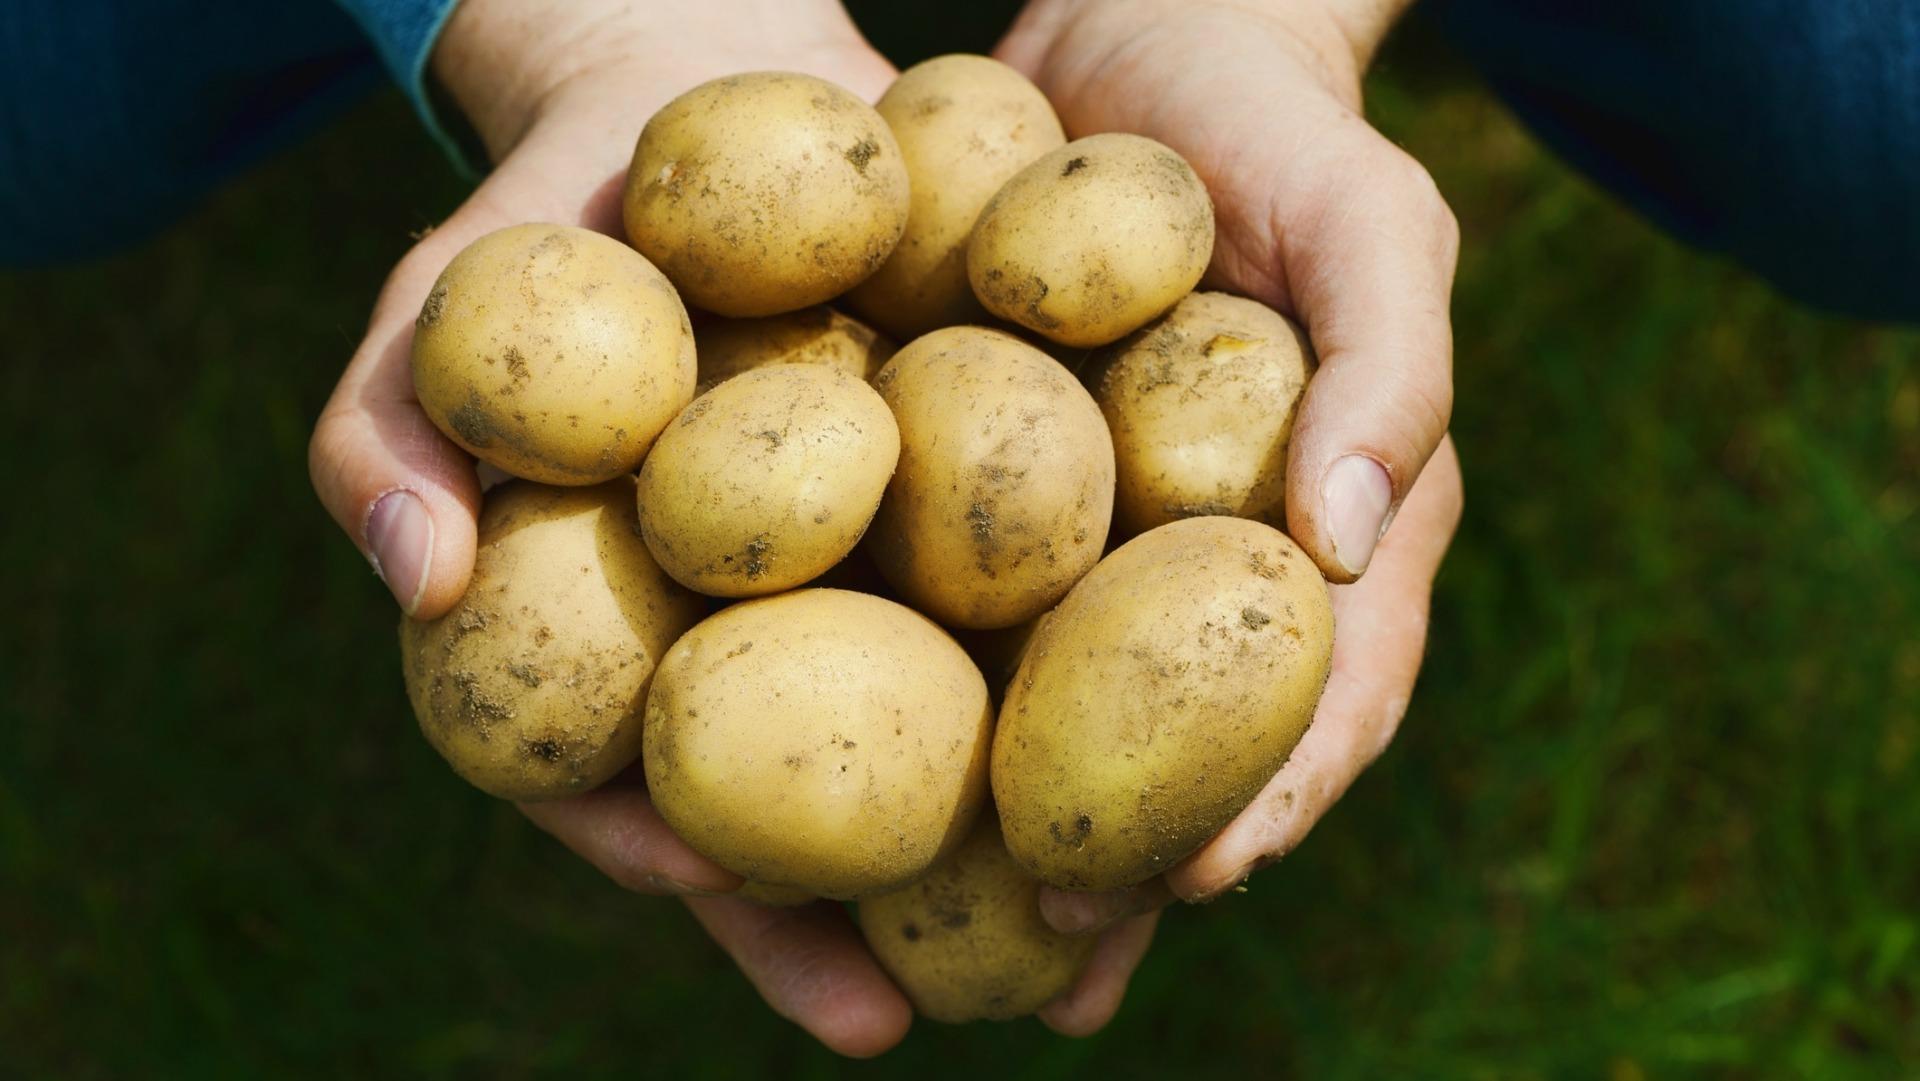 Если картофель стал зеленым, лучше его выбросить. Фото: sheknows.com